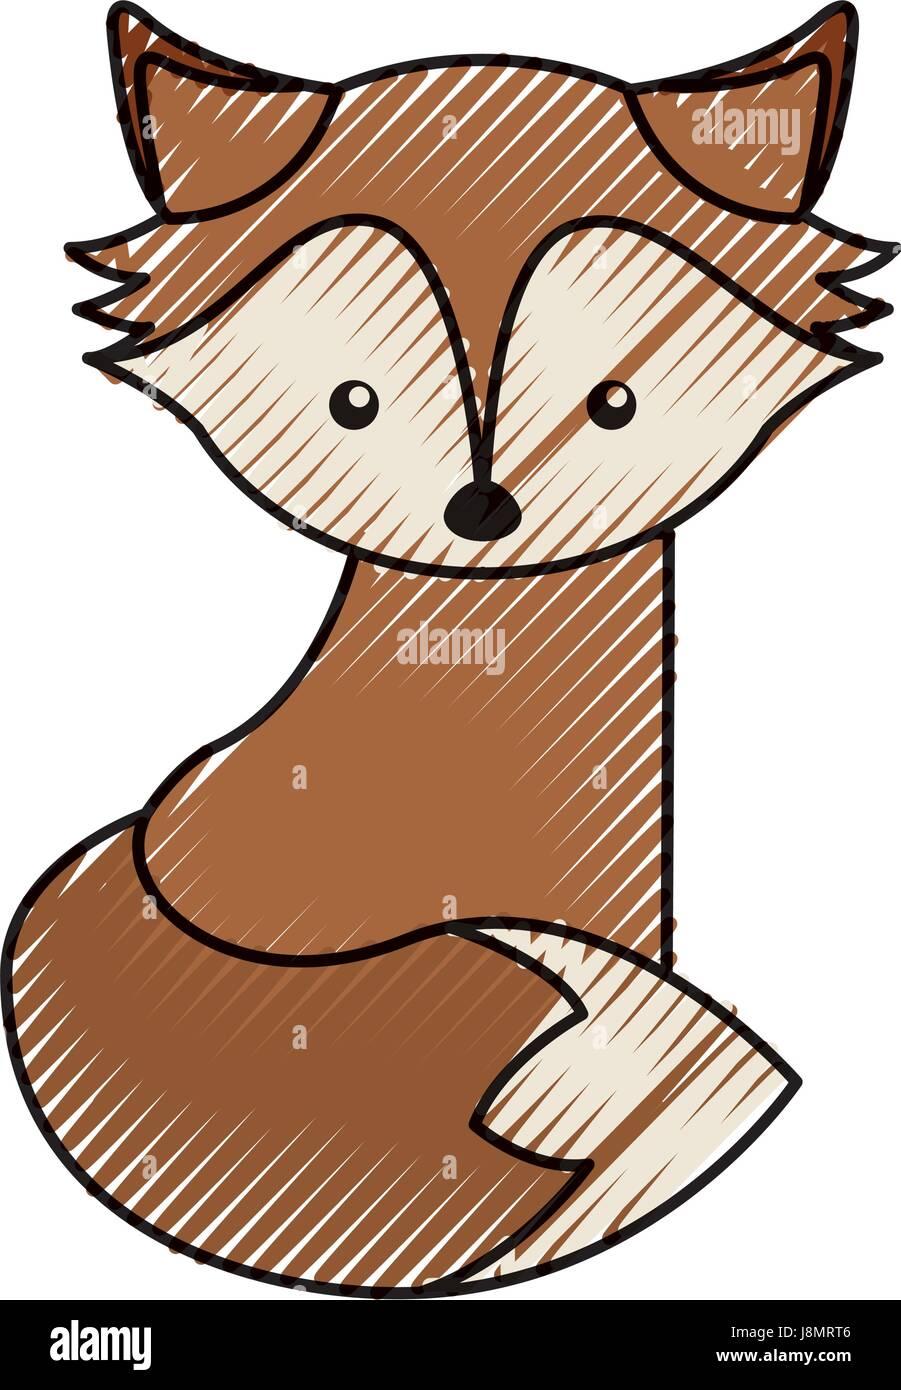 cute scribble fox cartoon - Stock Image